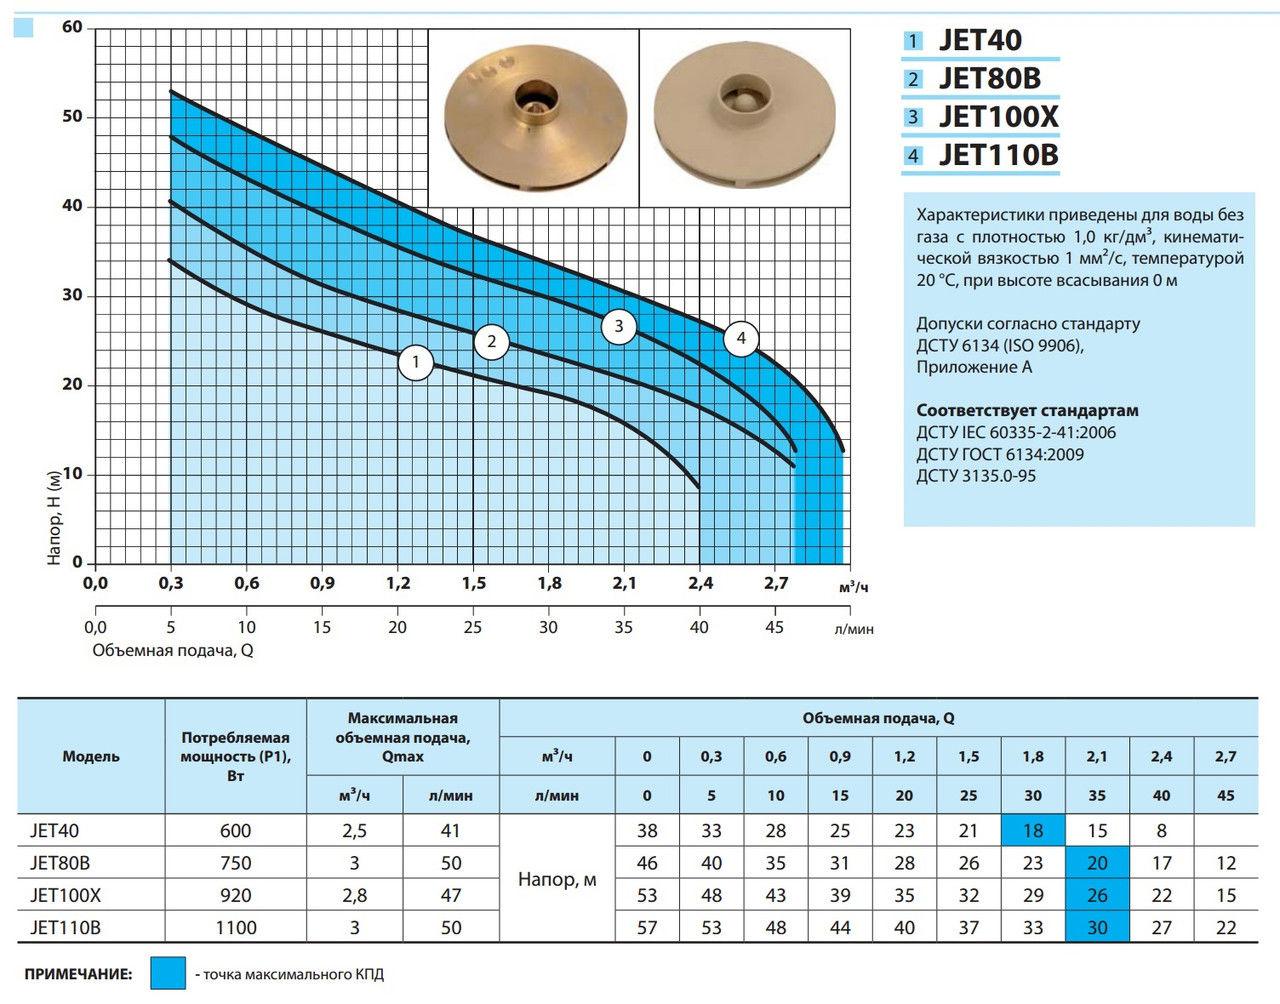 Характеристики поверхностных насосов